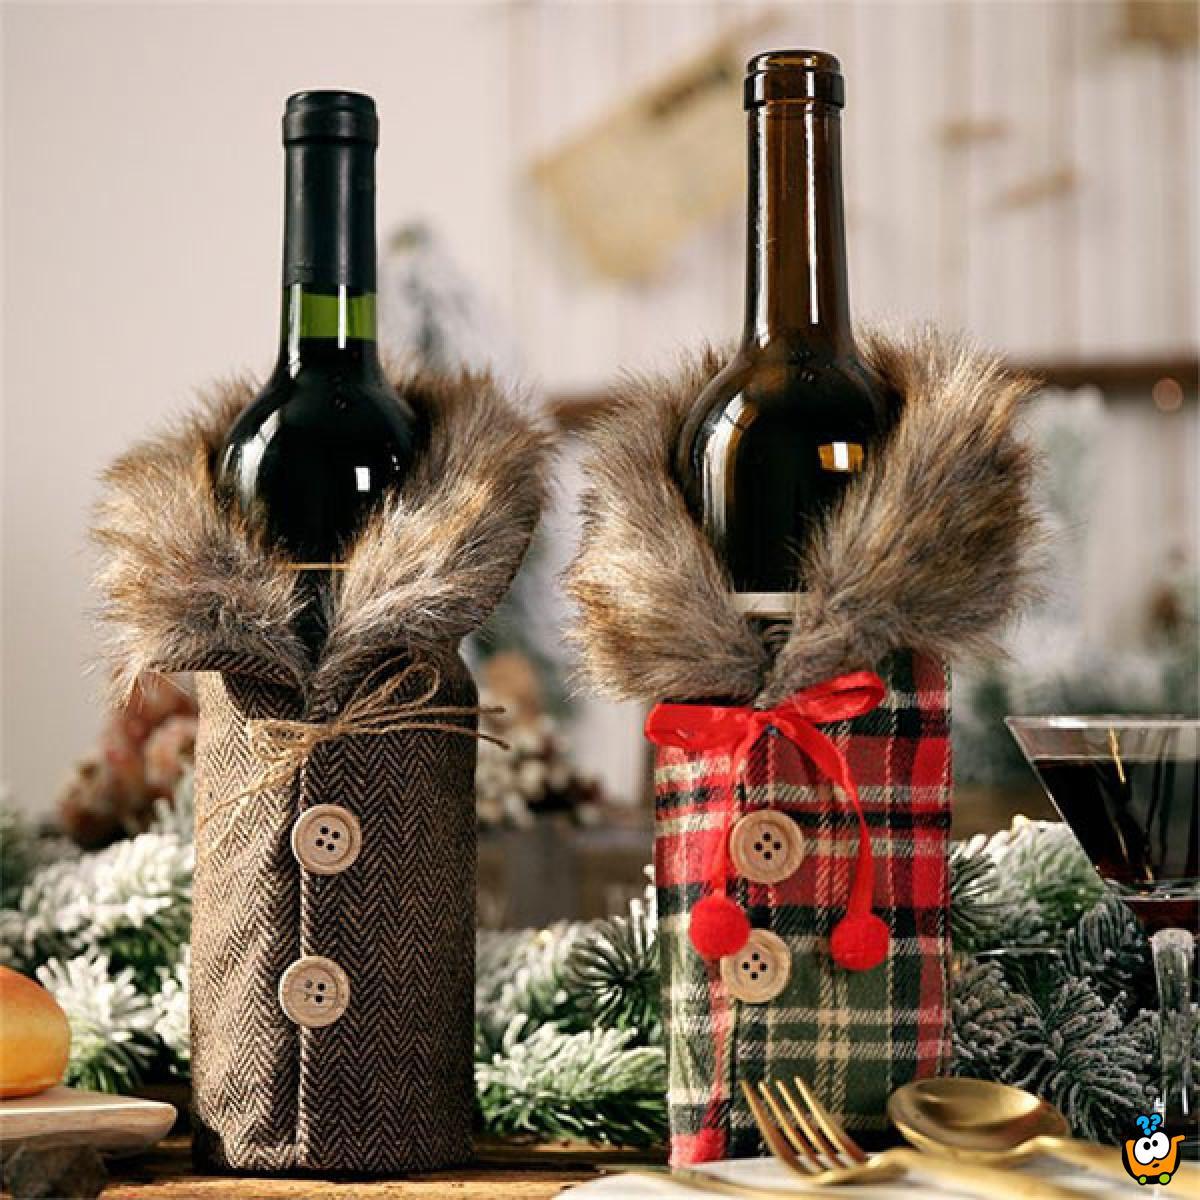 Christmas Wine - Dekorativna navlaka za vinsku flašu sa krznom